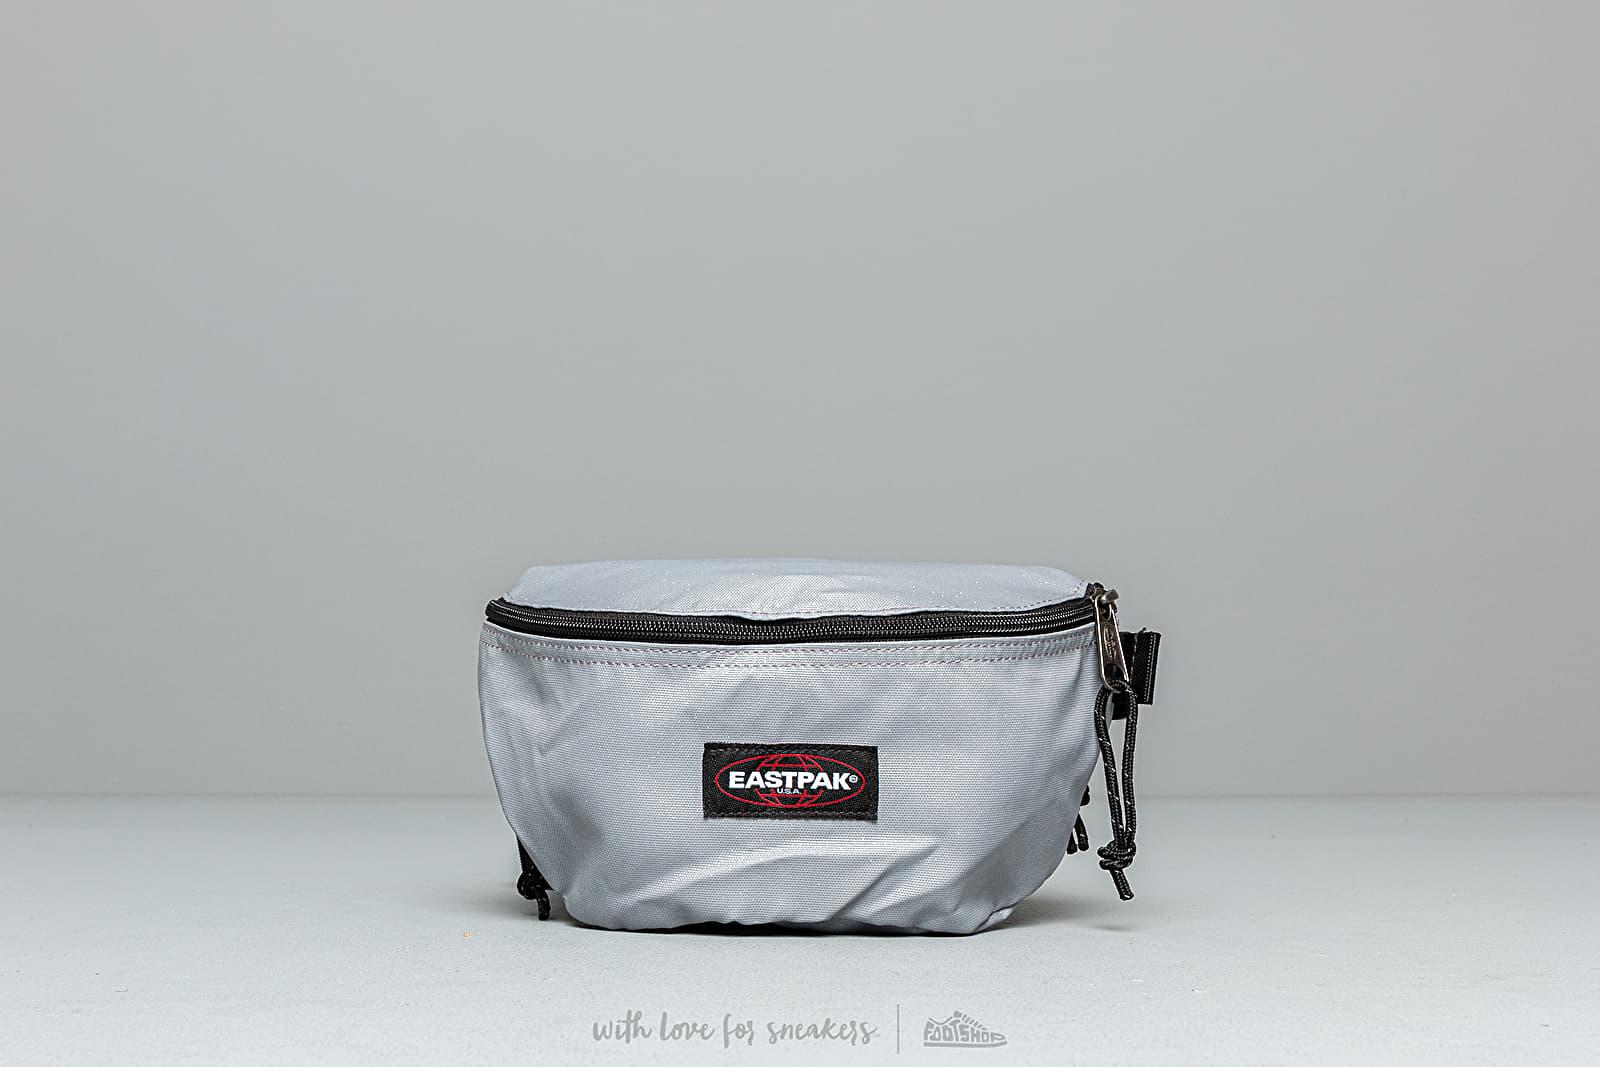 EASTPAK Springer Weistbag Metallic Silver za skvelú cenu 26 € kúpite na Footshop.sk